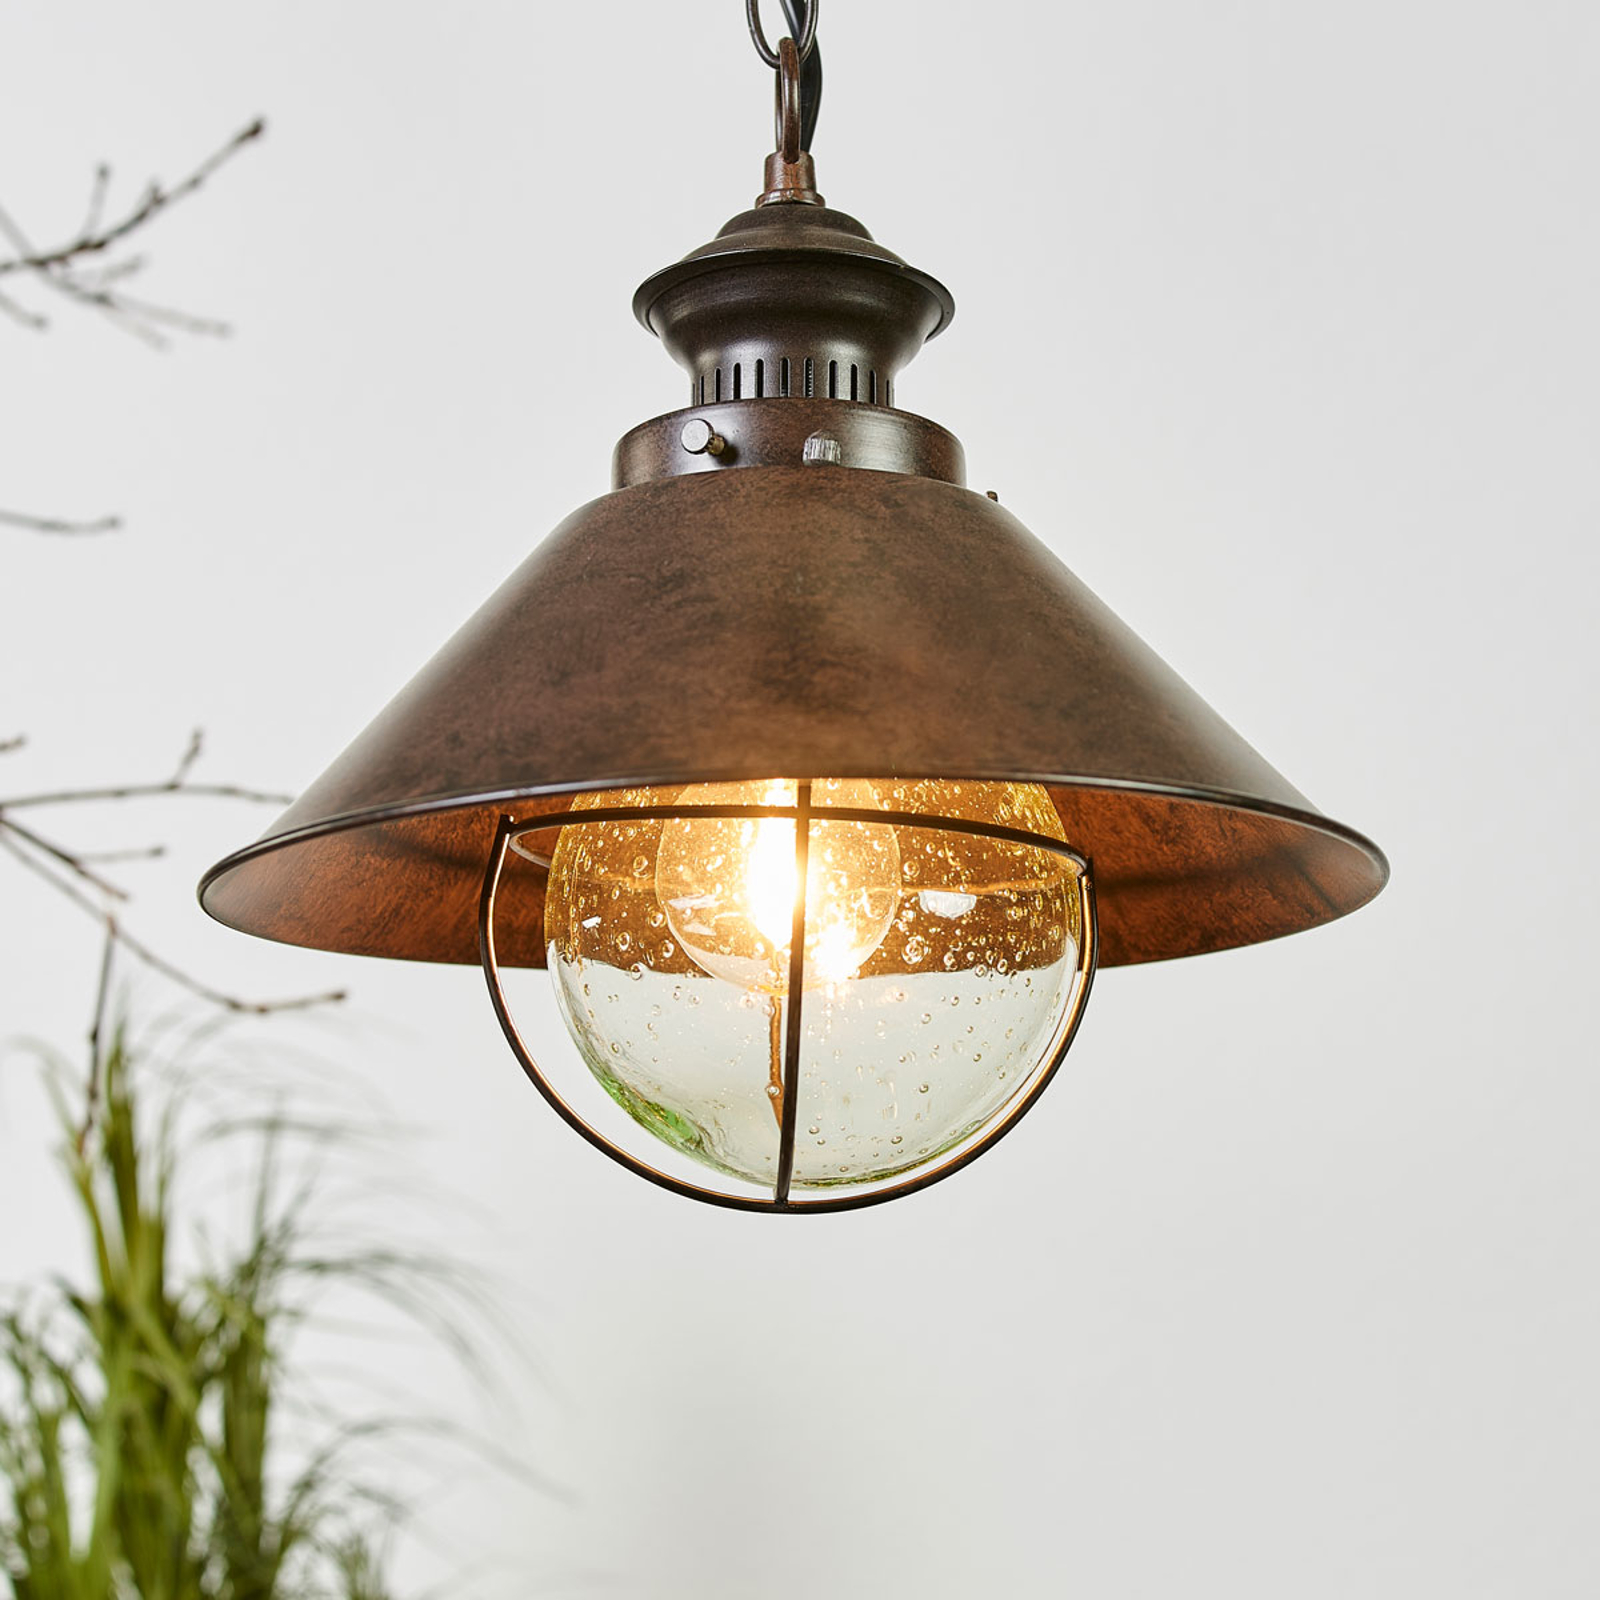 Nautica hængelampe i antikt look, 26 cm